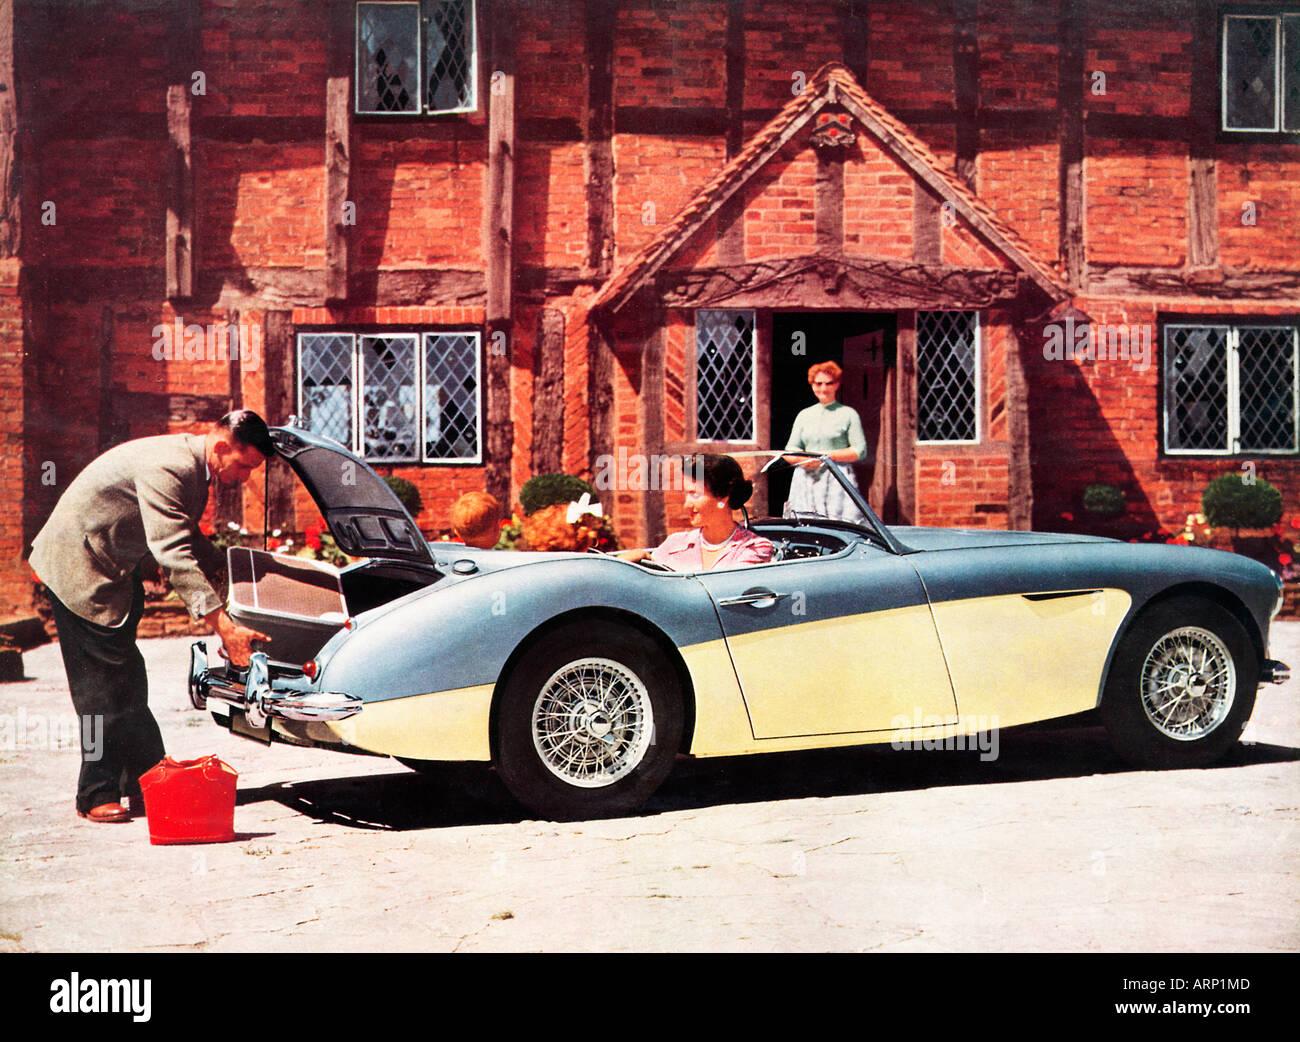 Austin Healey 100 sechs 1957 Broschüre Foto des Modells klassischen Sportwagen mit Platz für die ganze Familie Stockbild